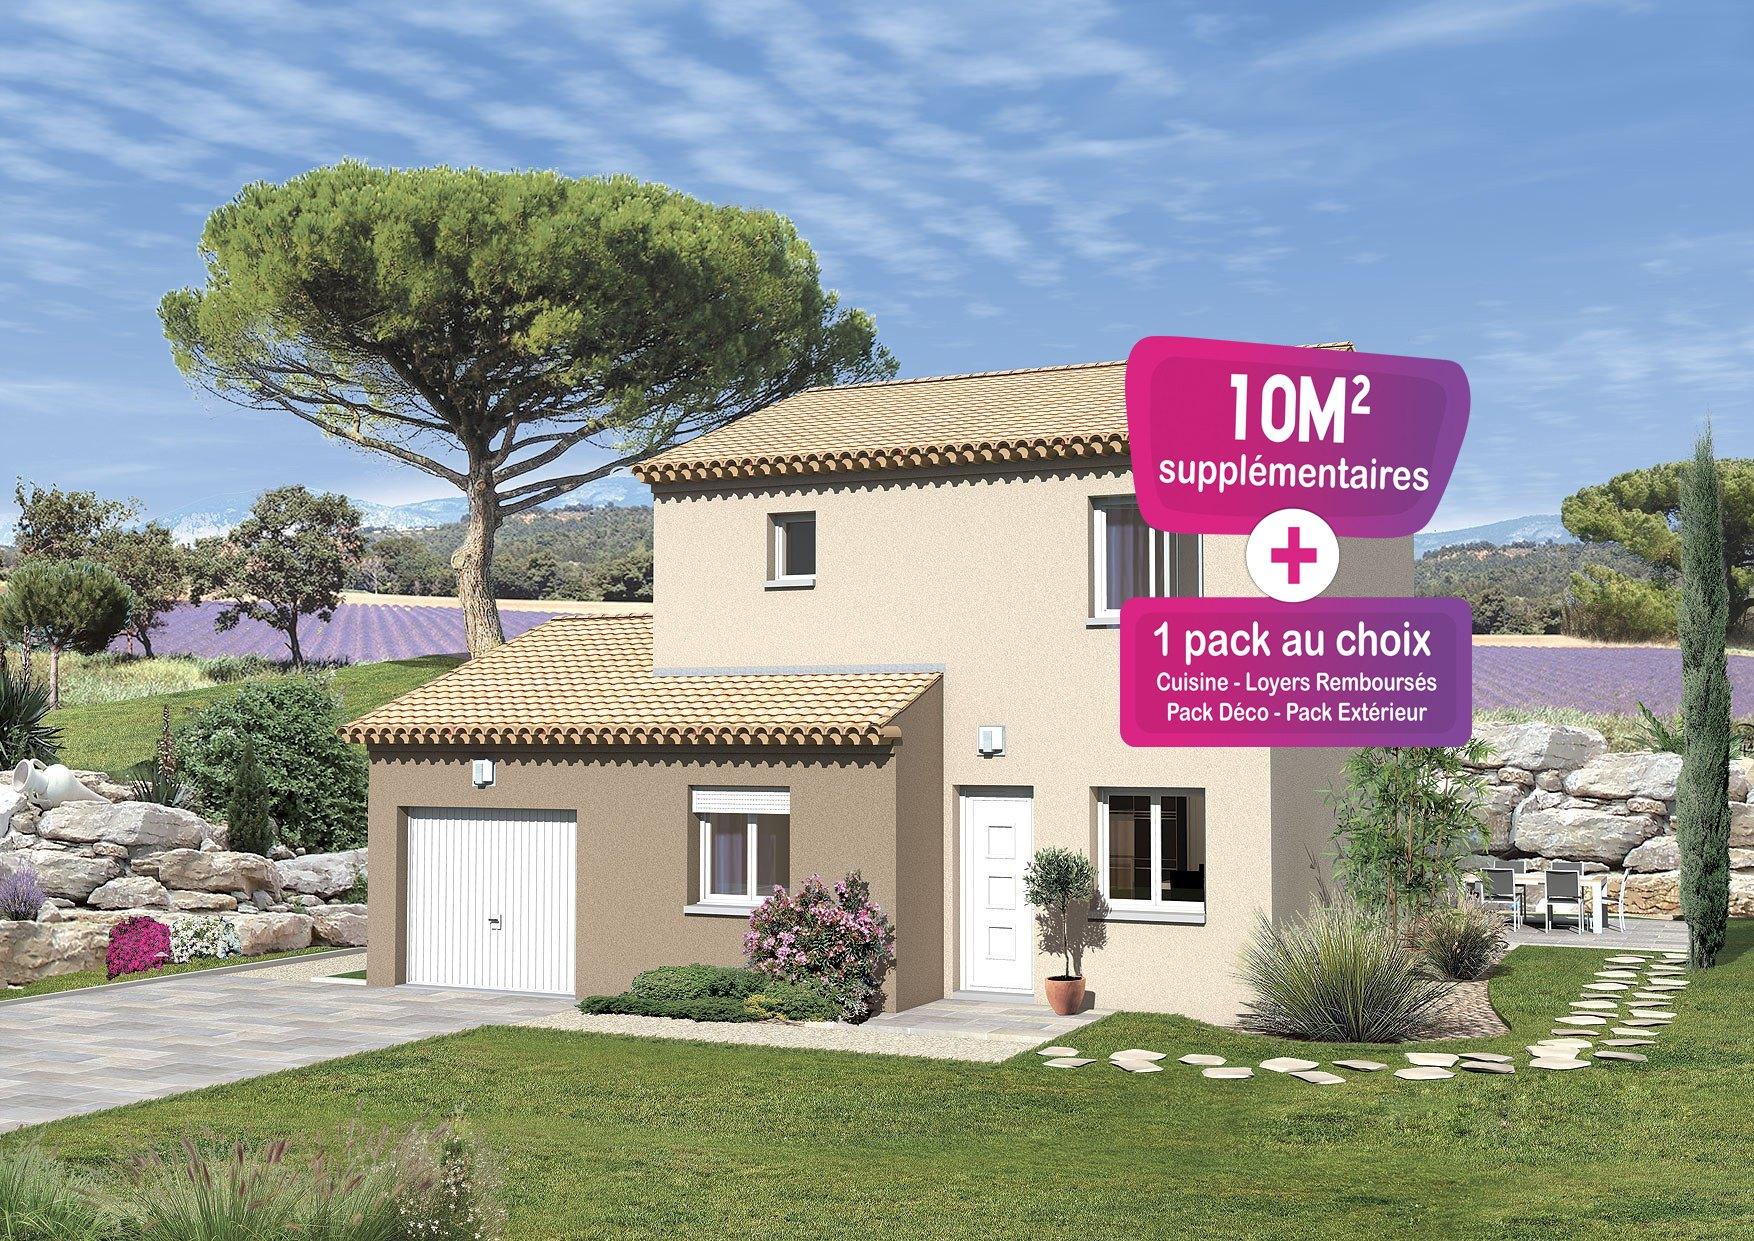 Maisons + Terrains du constructeur MAISONS PUNCH • 91 m² • SAINT PAUL TROIS CHATEAUX